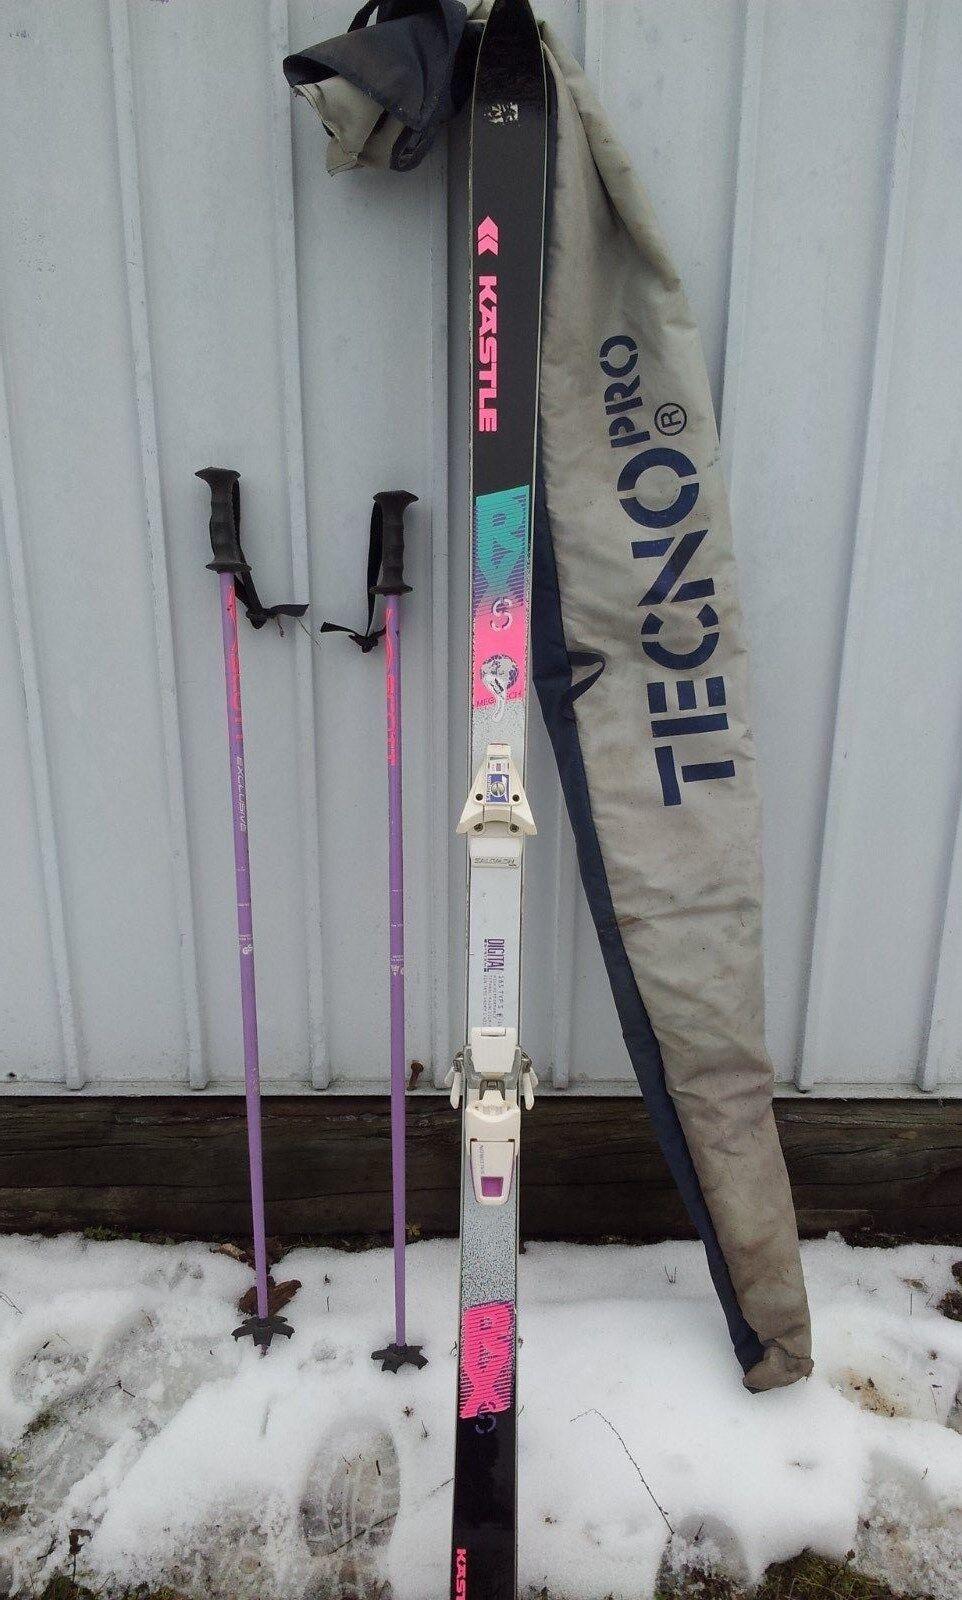 Ski Kästle RXS 185 cm Mit Ski-Stöcken und Tasche 1 x gefahren!!